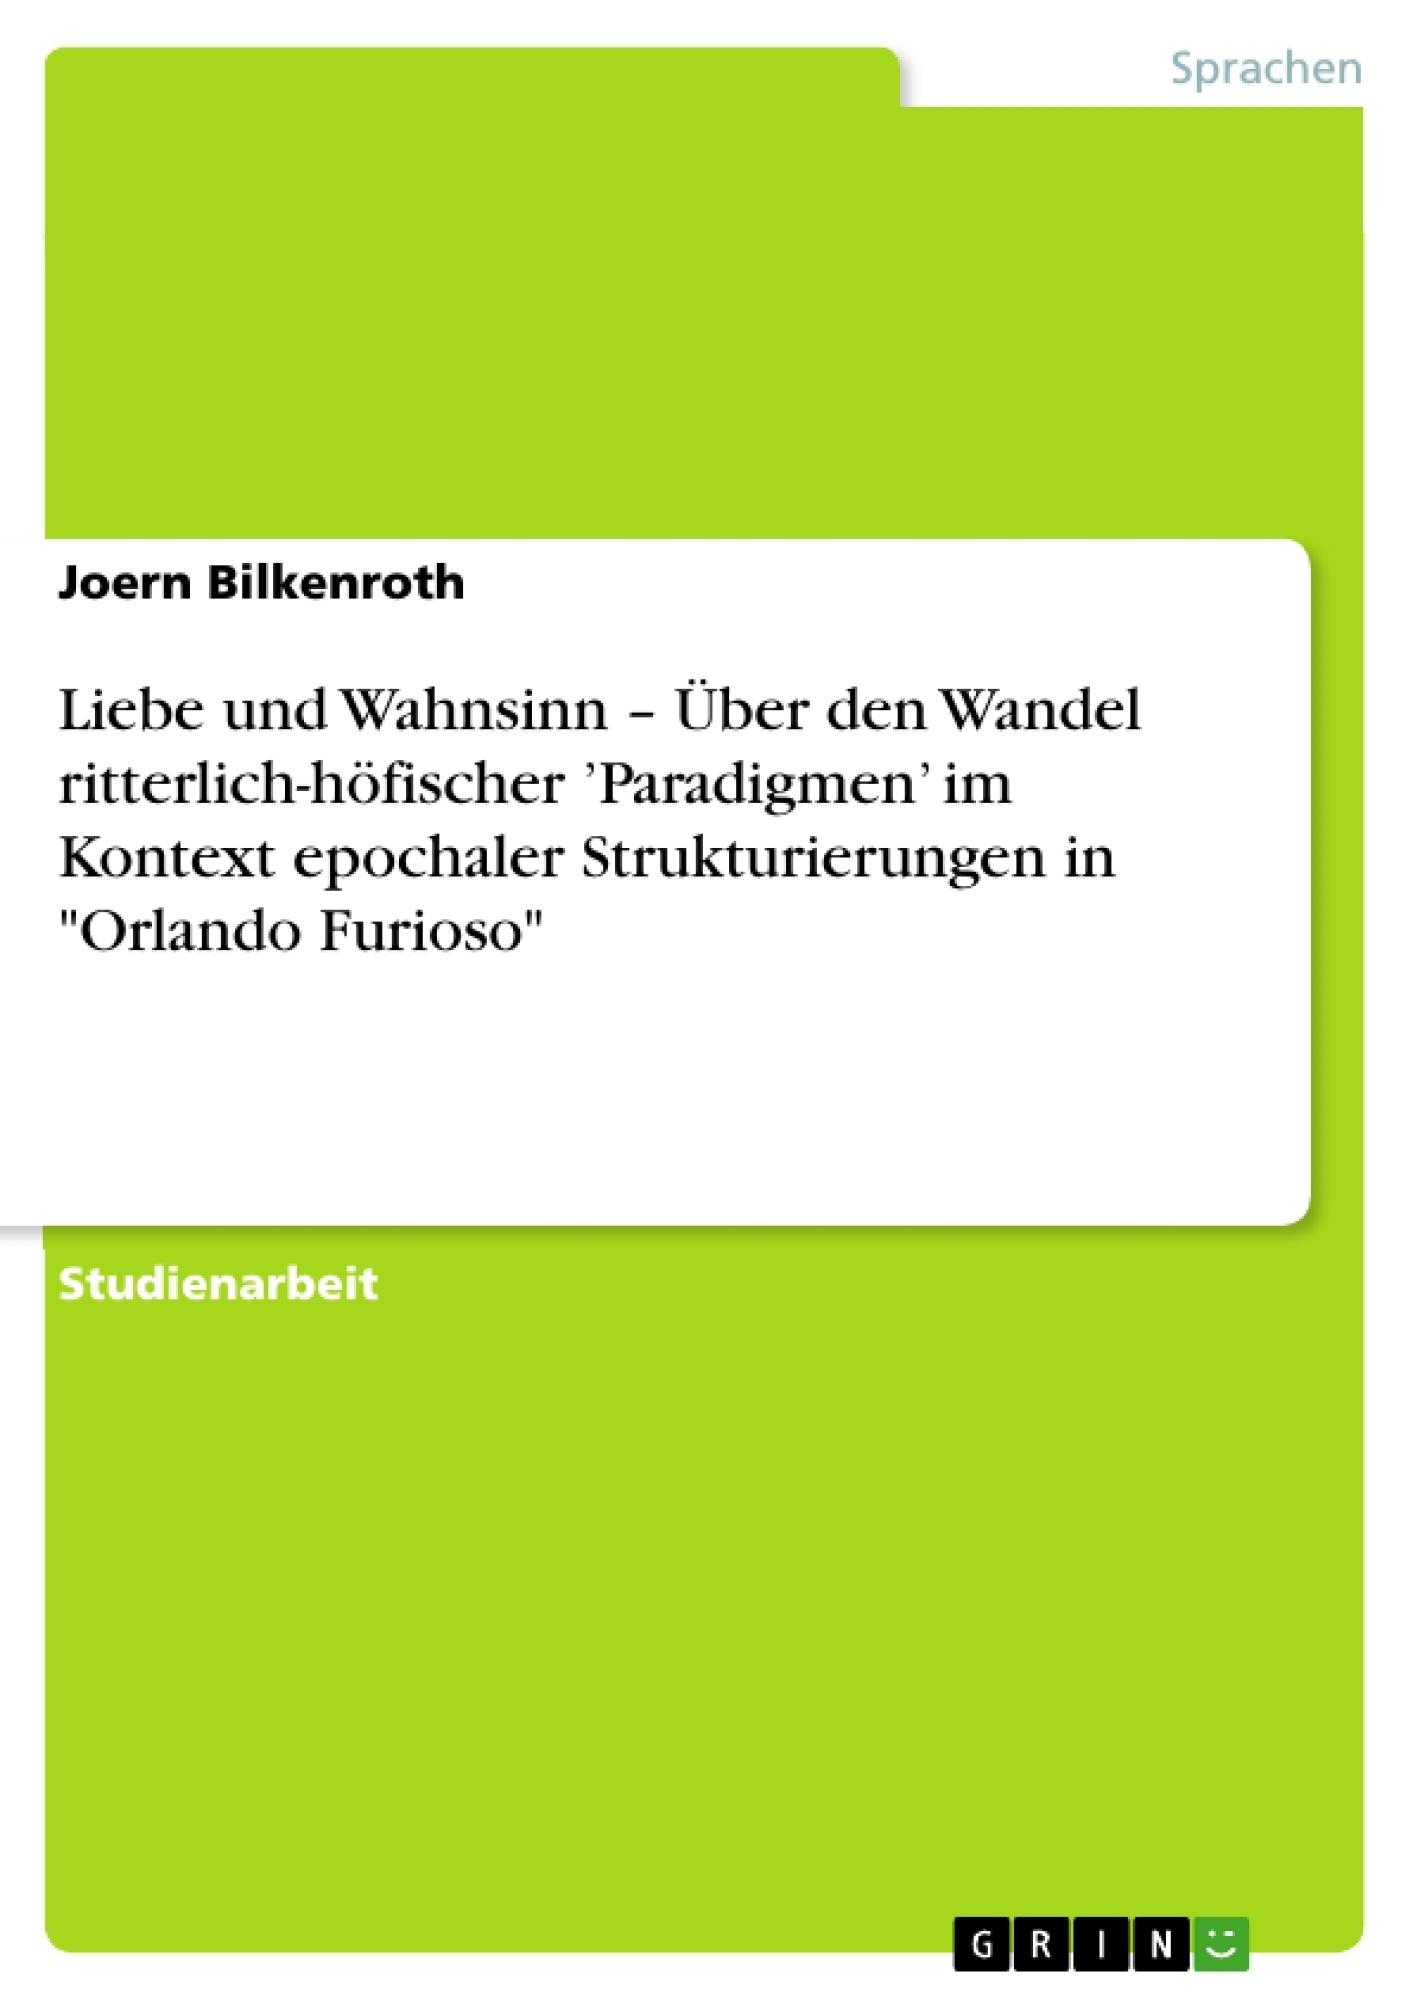 """Titel: Liebe und Wahnsinn – Über den Wandel ritterlich-höfischer 'Paradigmen' im Kontext epochaler Strukturierungen in """"Orlando Furioso"""""""